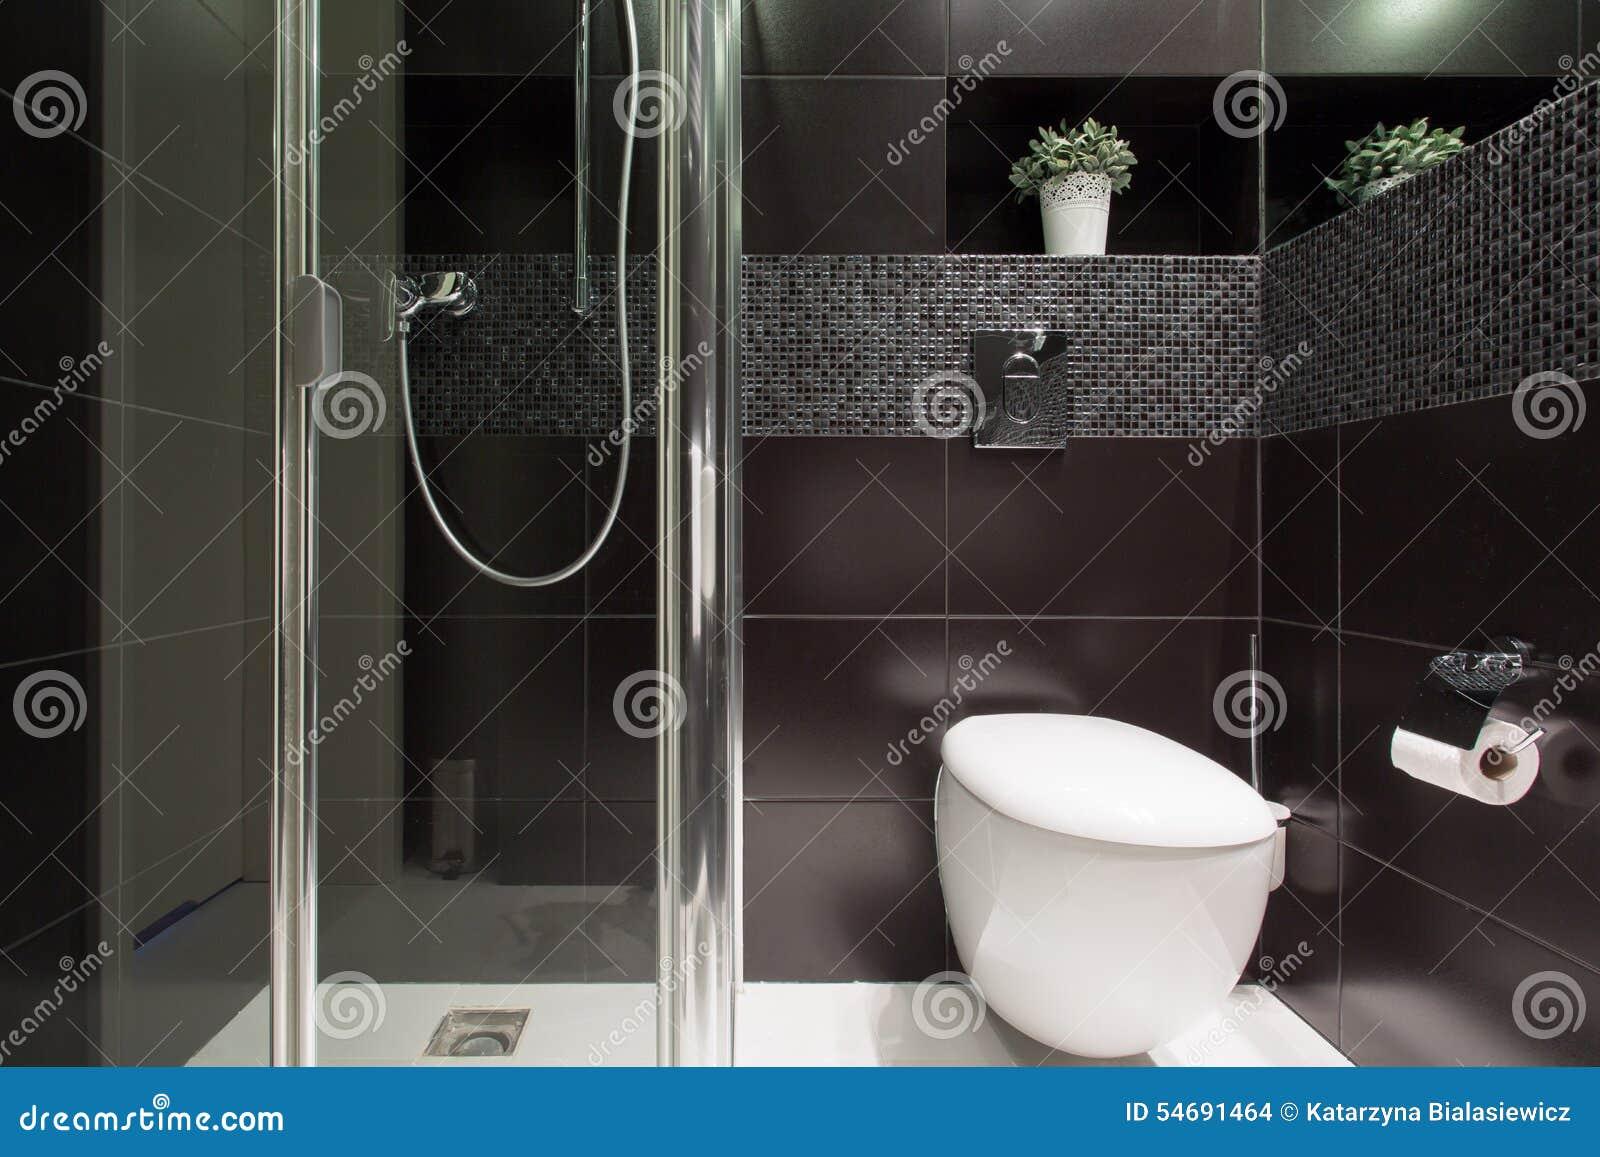 schwarze fliesen am badezimmer stockfoto - bild: 54691464, Hause ideen